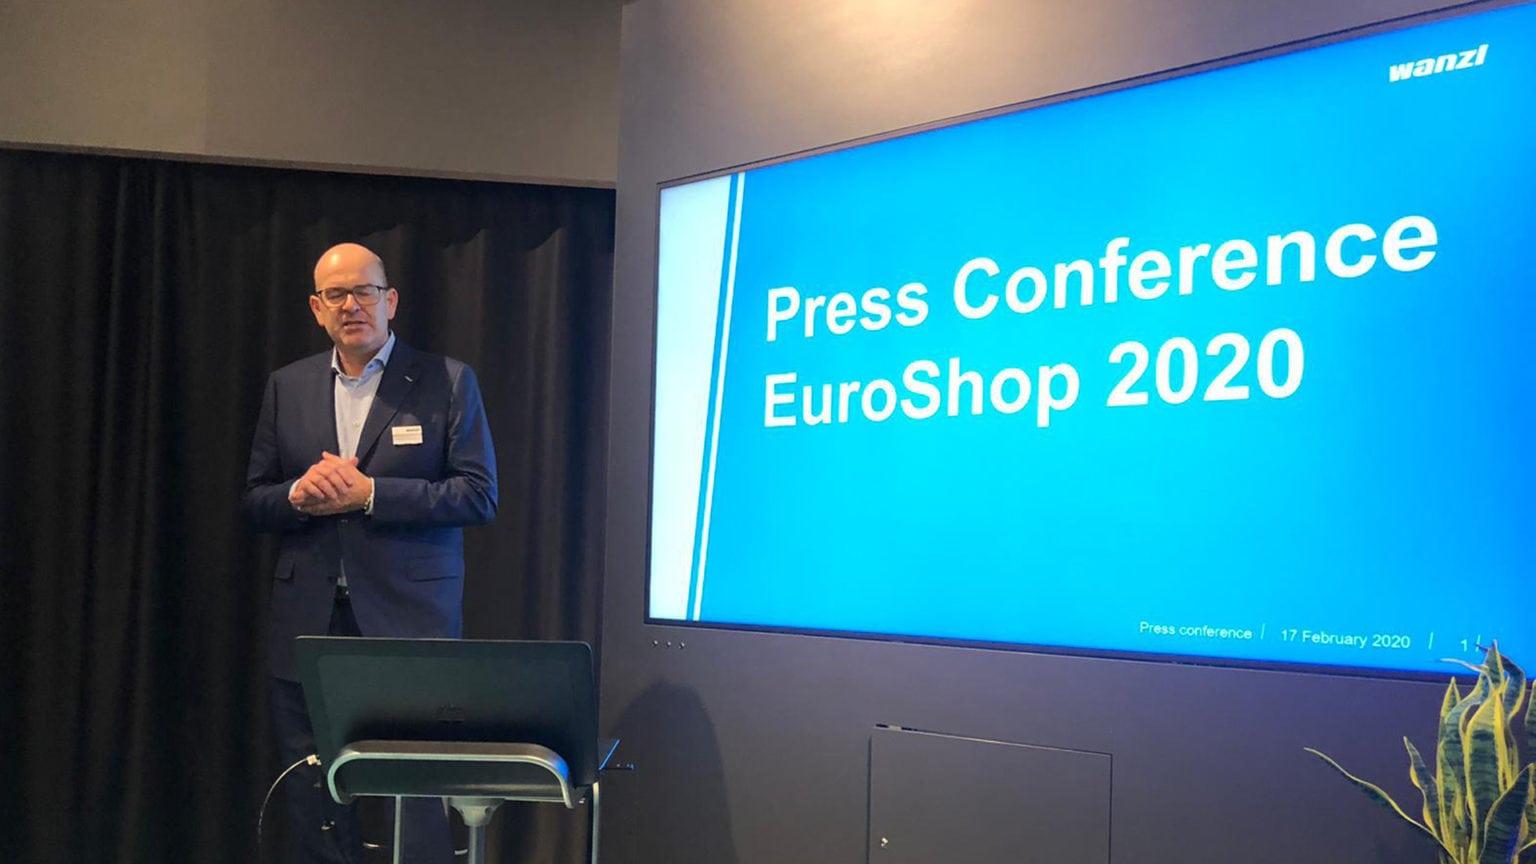 Messe Euroshop mit Wanzl (2)